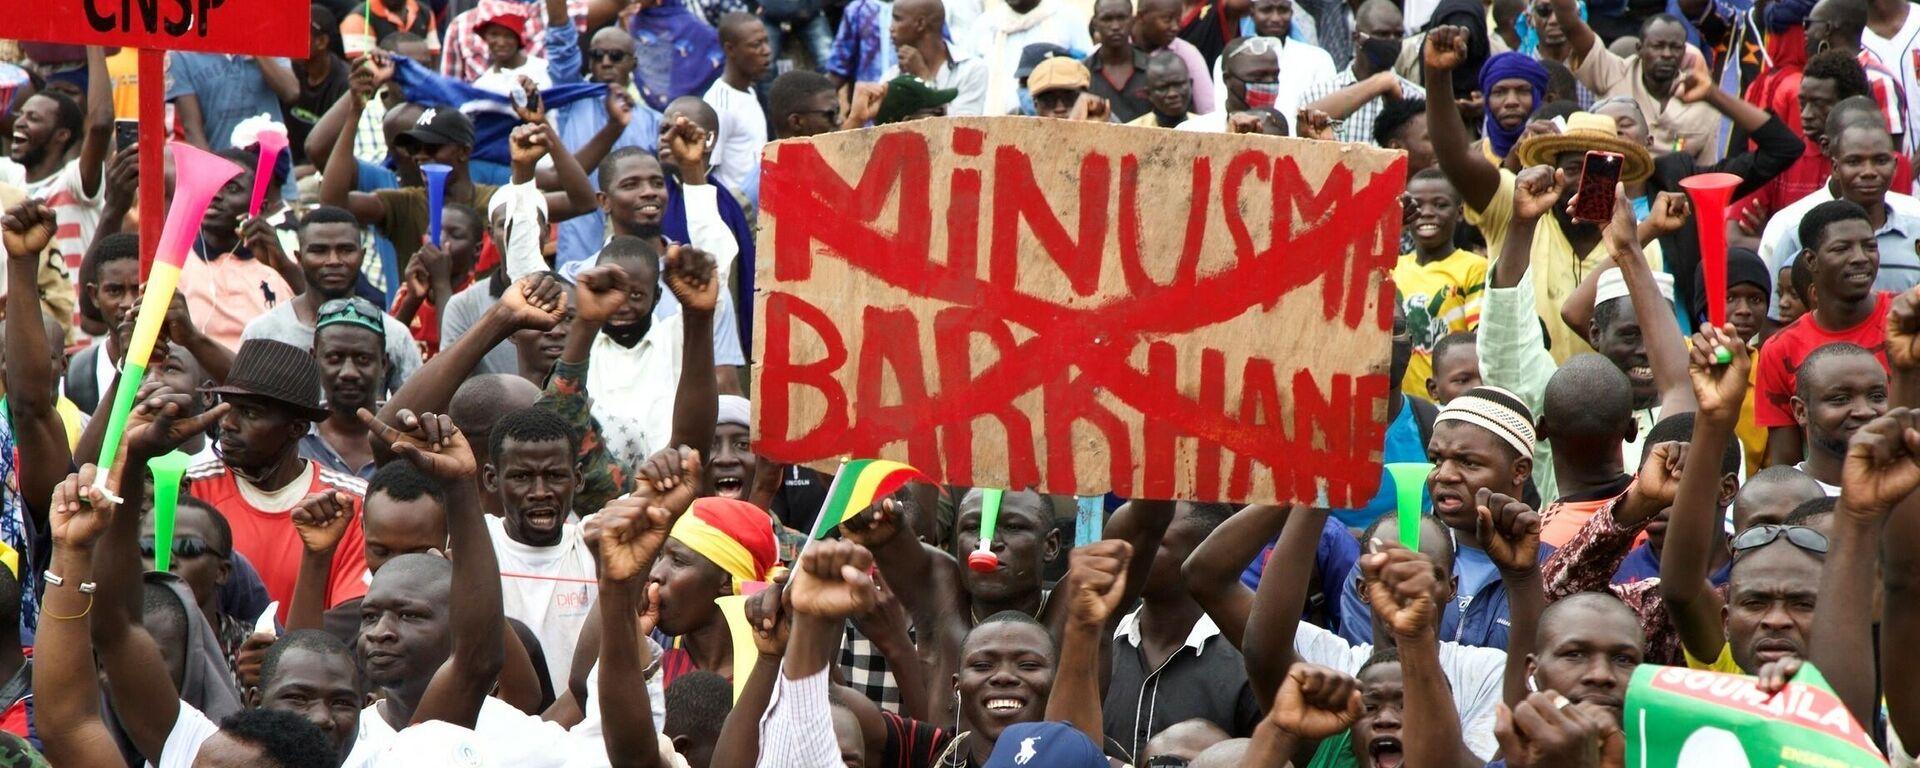 Manifestación en Bamako en apoyo del Ejército de Mali - Sputnik Mundo, 1920, 24.05.2021